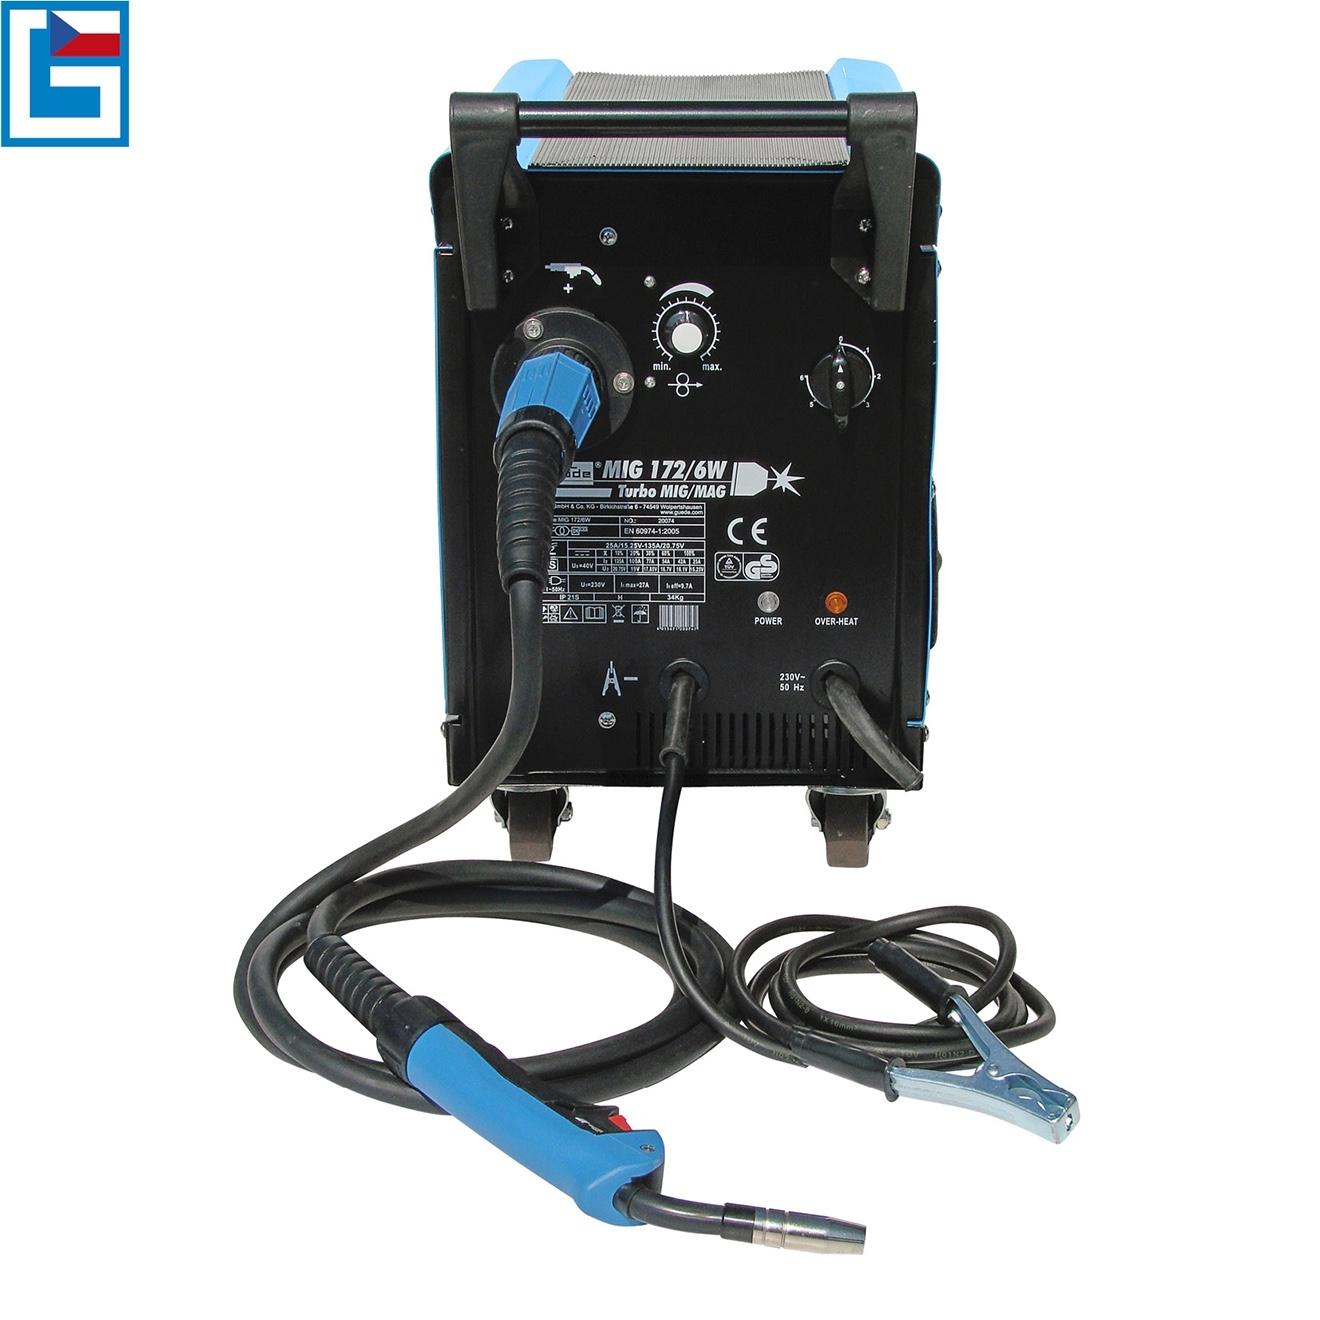 Svářečka MIG 172/6 W pro svařování v ochranné atmosféře